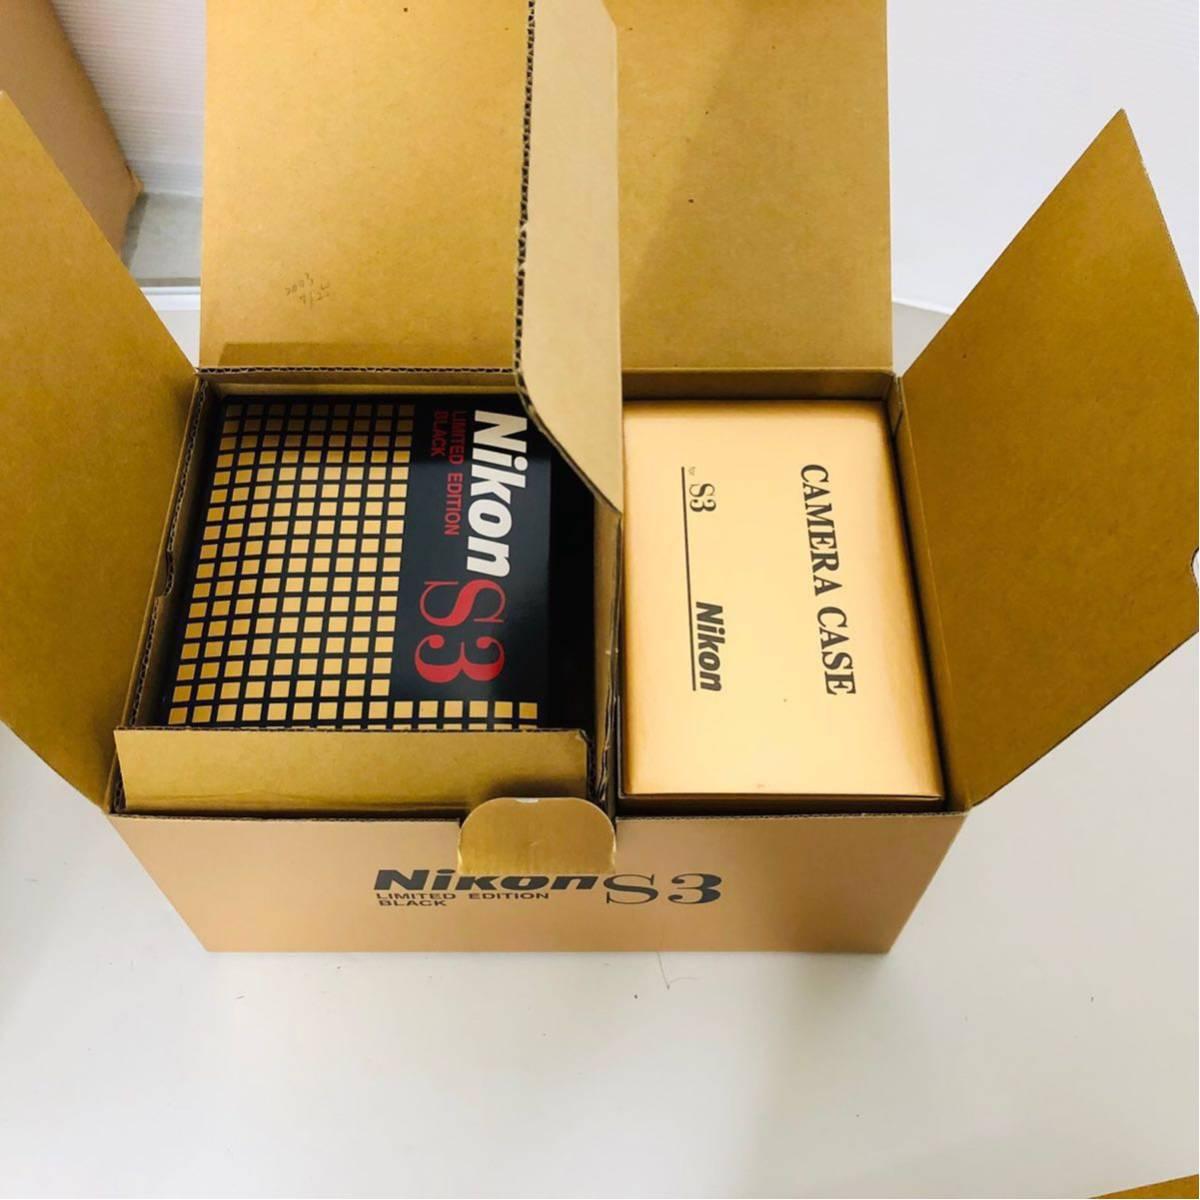 【未使用・美品】Nikon S3 LIMITED EDITION BLACK 50mm F1.4 302435_画像2